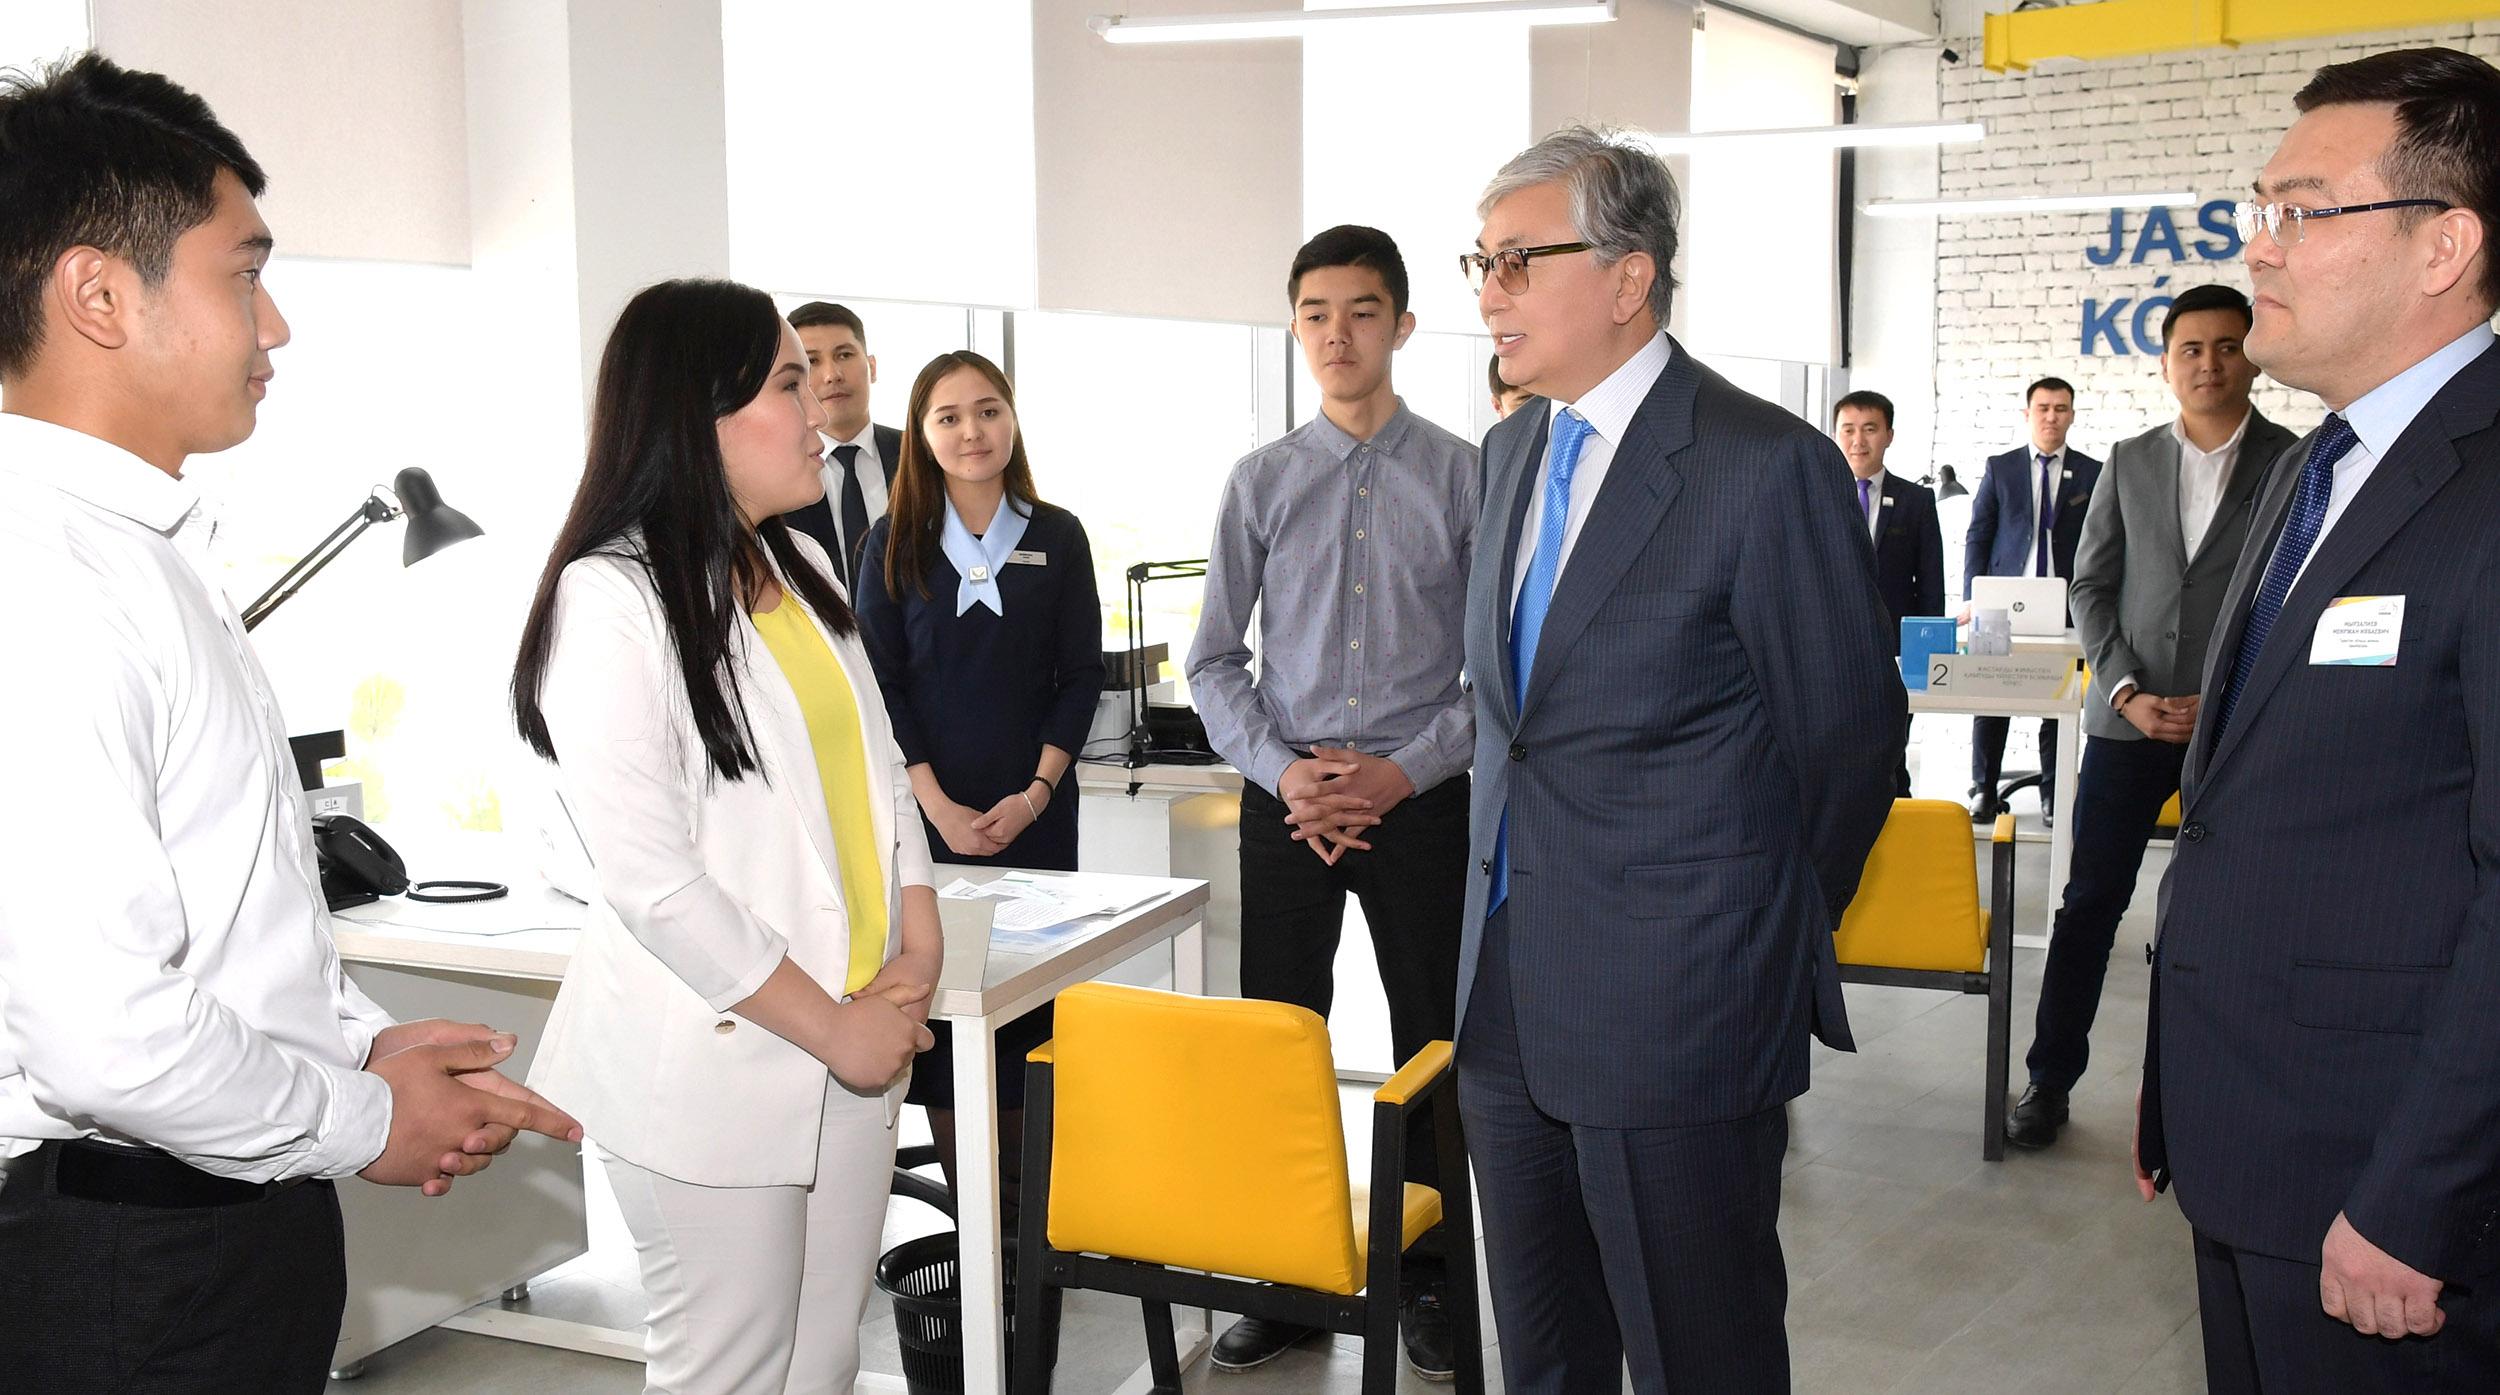 Токаев инициирует программу по продвижению молодежи на госслужбе и трудоустройству